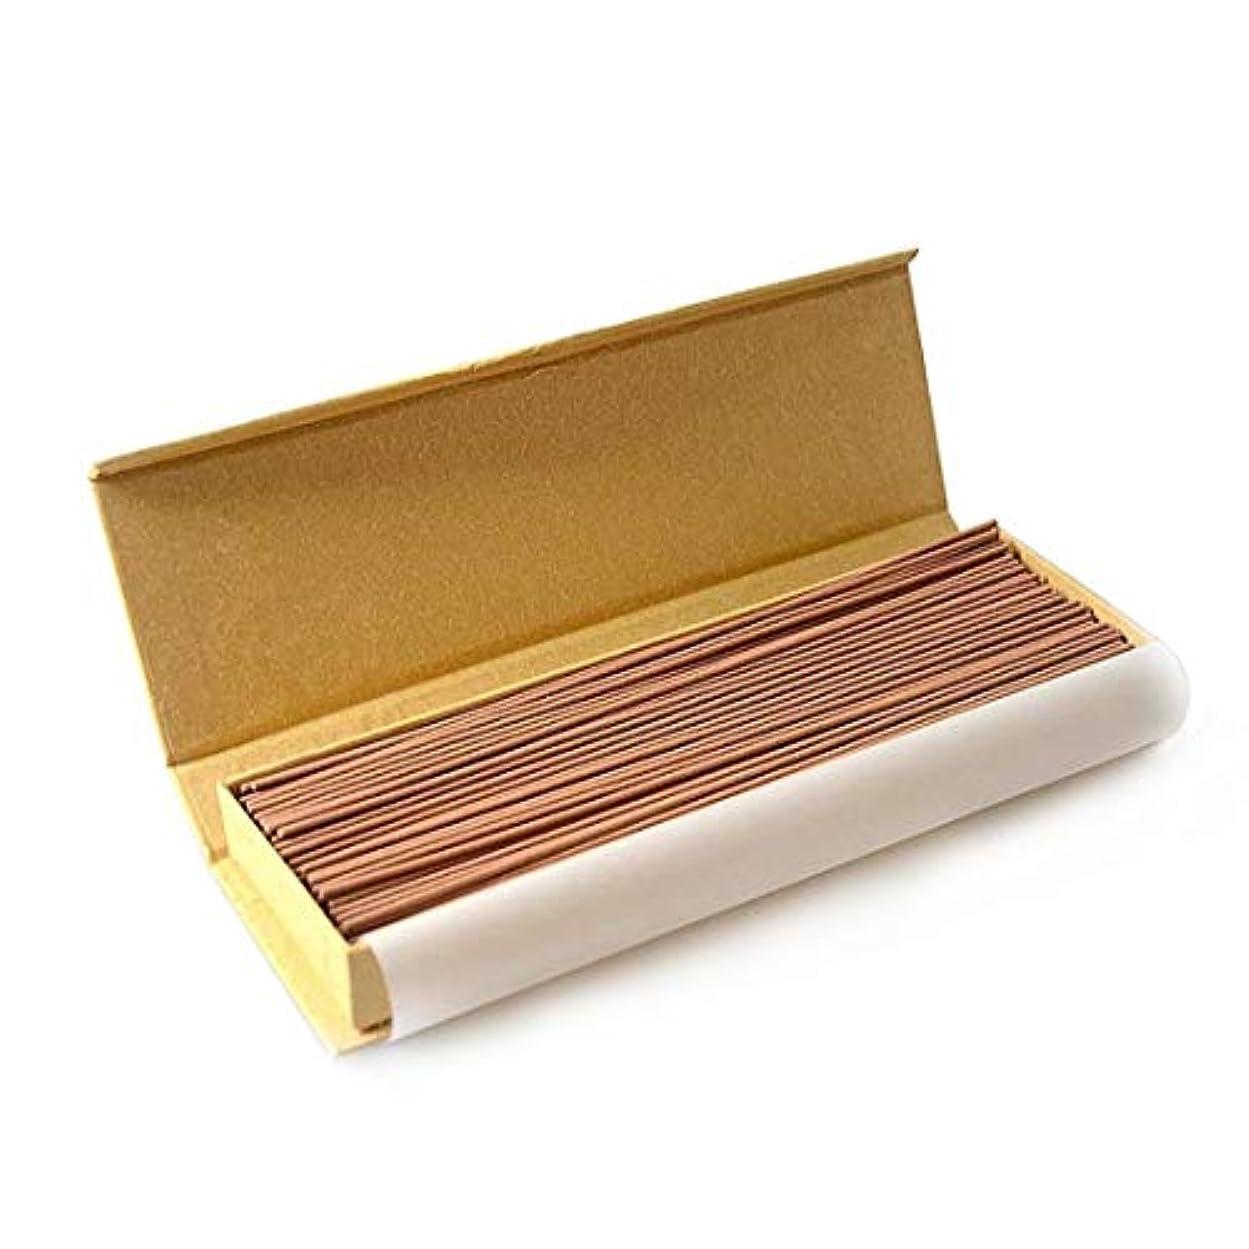 有効化シェルター増幅器Hwagui お香 白檀 お線香 焼香セット スティック立て ギフト養心安神 0.5時間 150本入